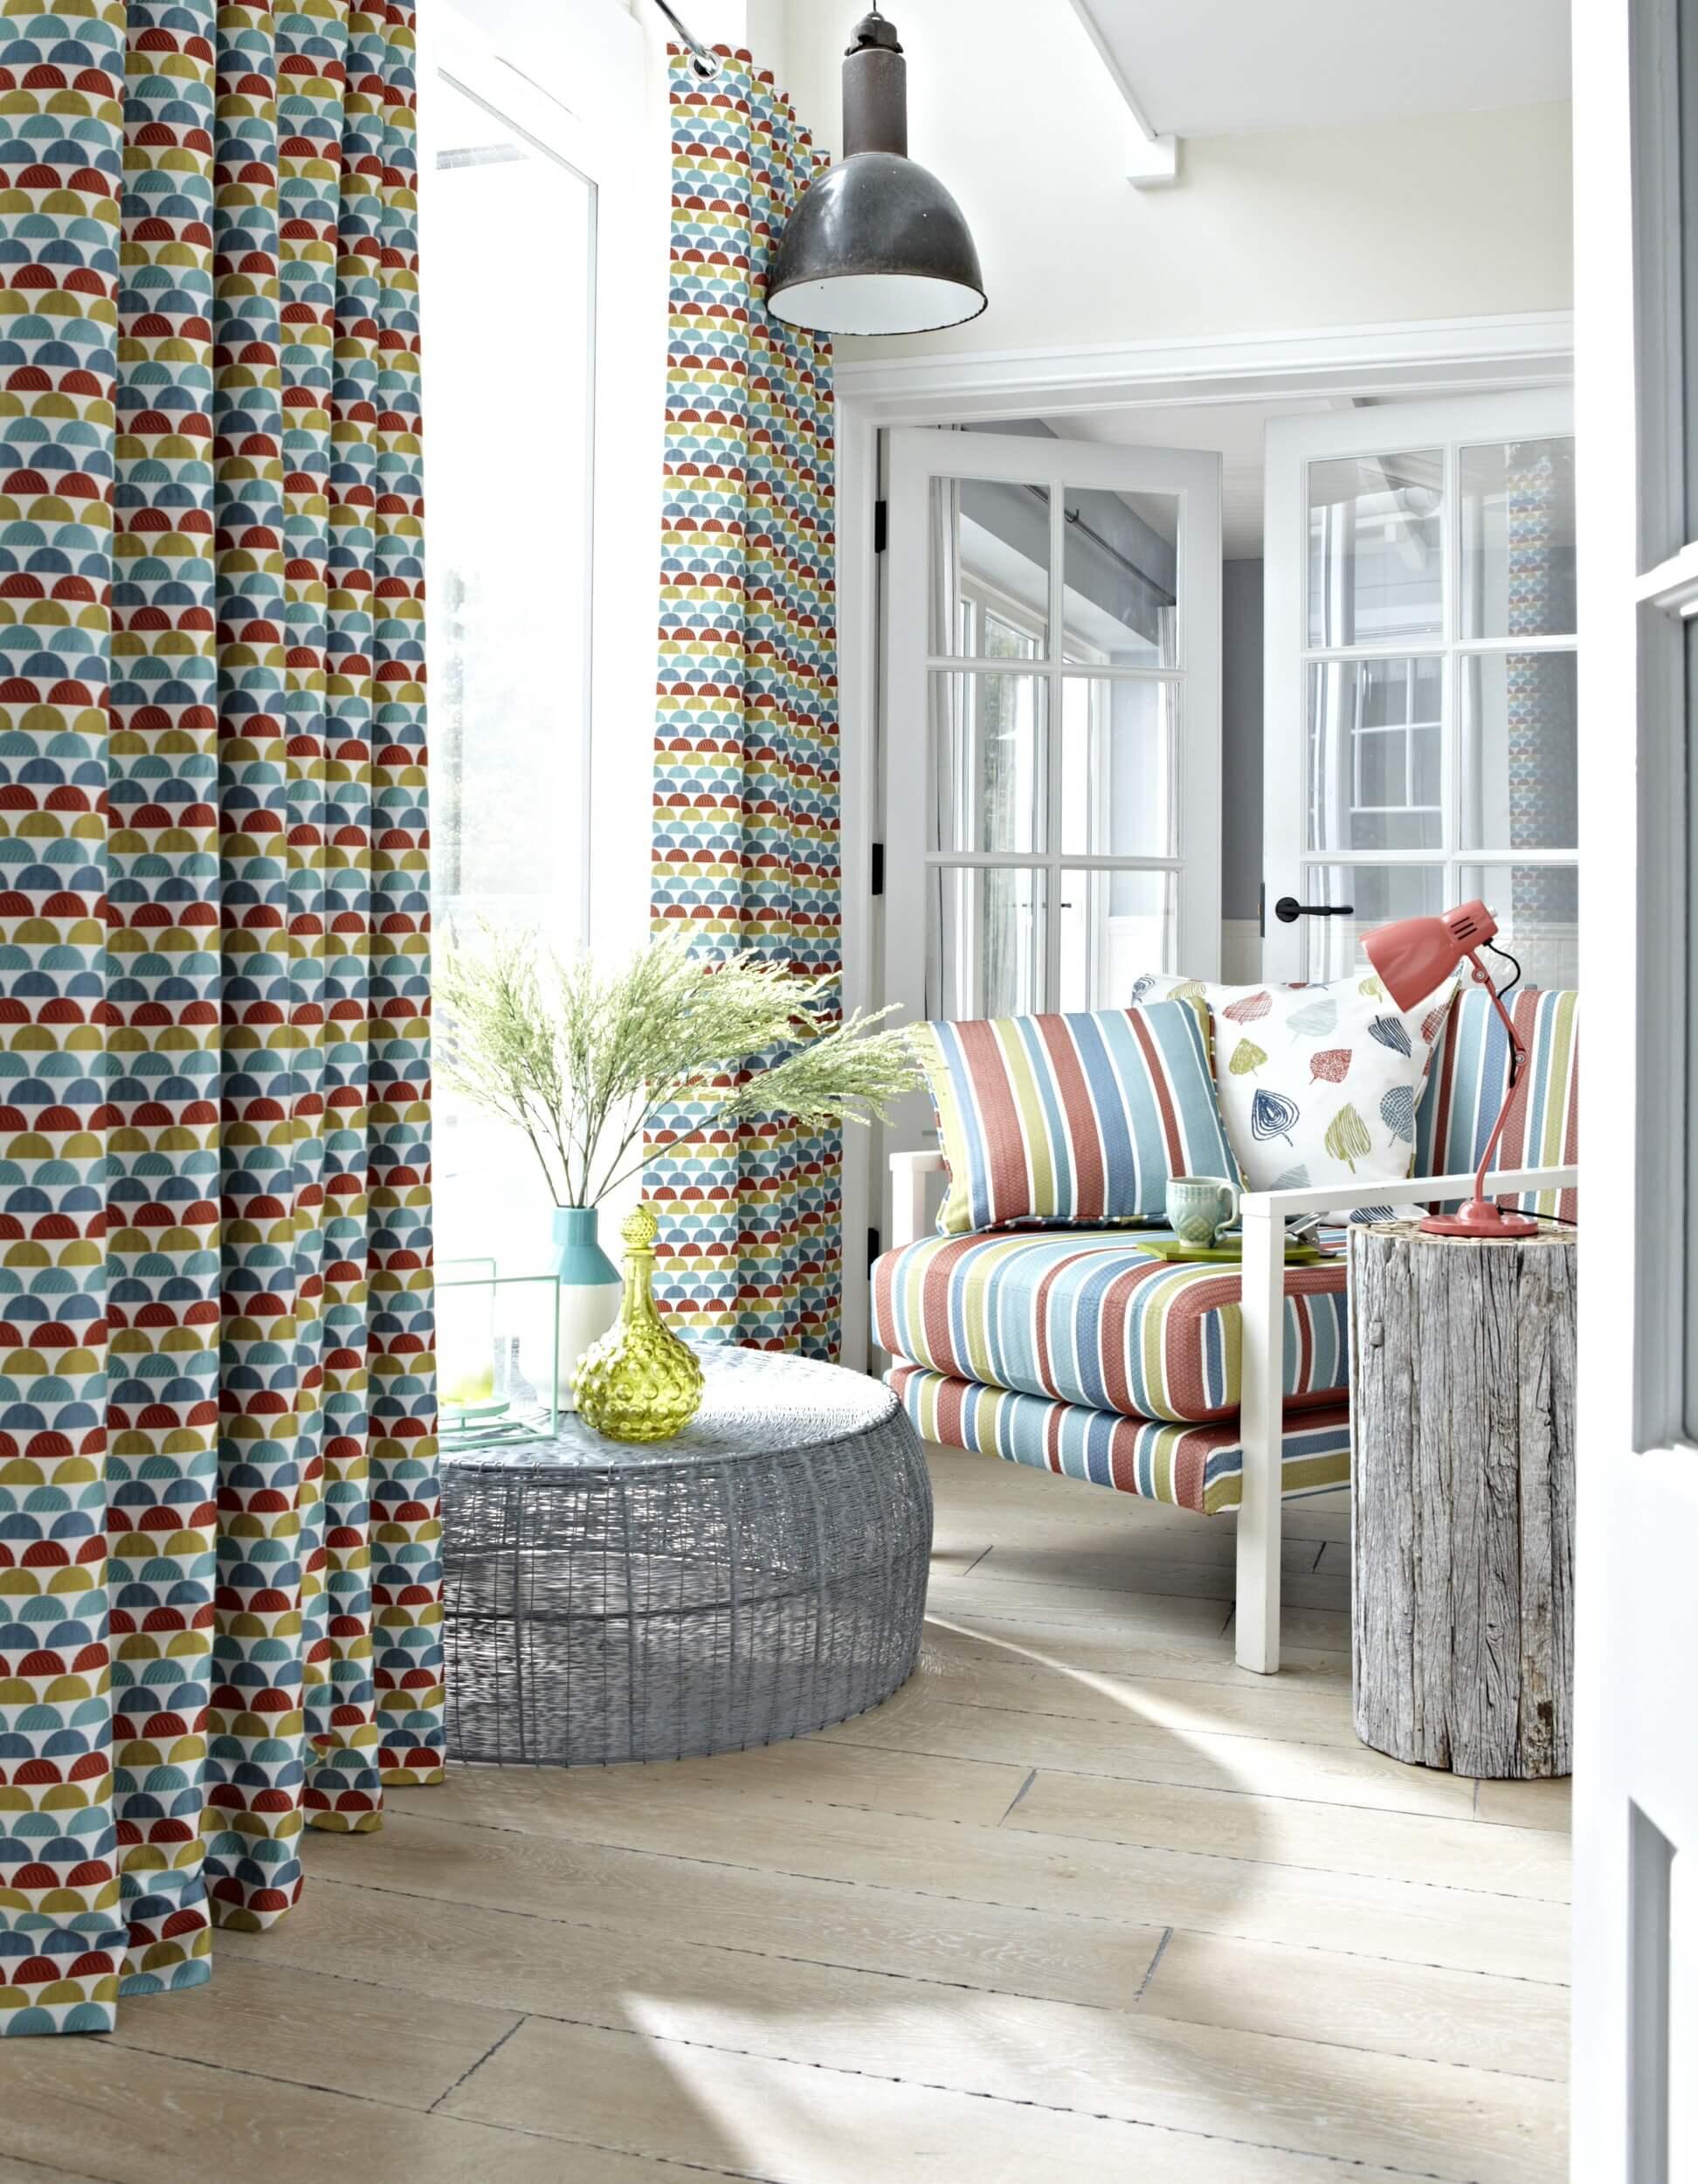 vorh nge in berlin von stylisch bis sinnlich adler wohndesign. Black Bedroom Furniture Sets. Home Design Ideas